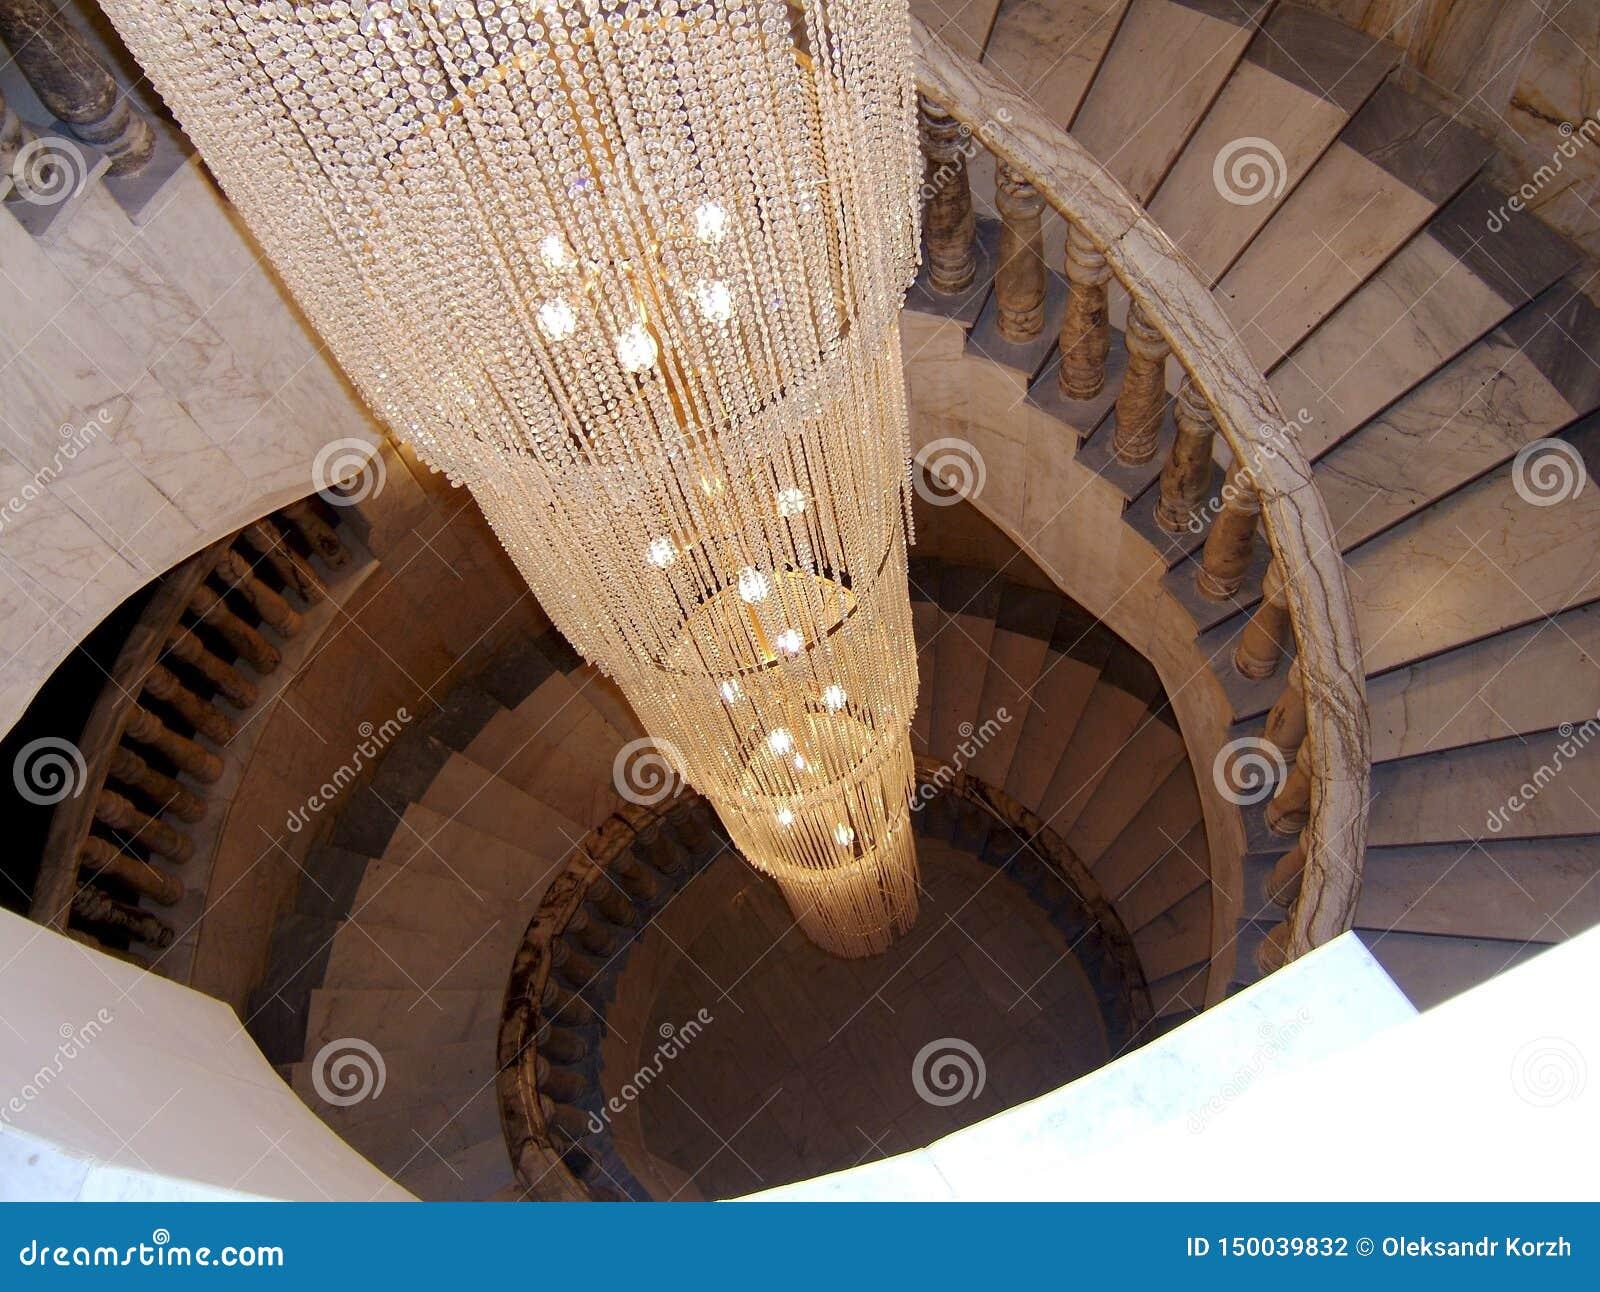 Κατώτατο σημείο άποψης επάνω στην όμορφη σκάλα πολυτέλειας με τα ξύλινα κιγκλιδώματα